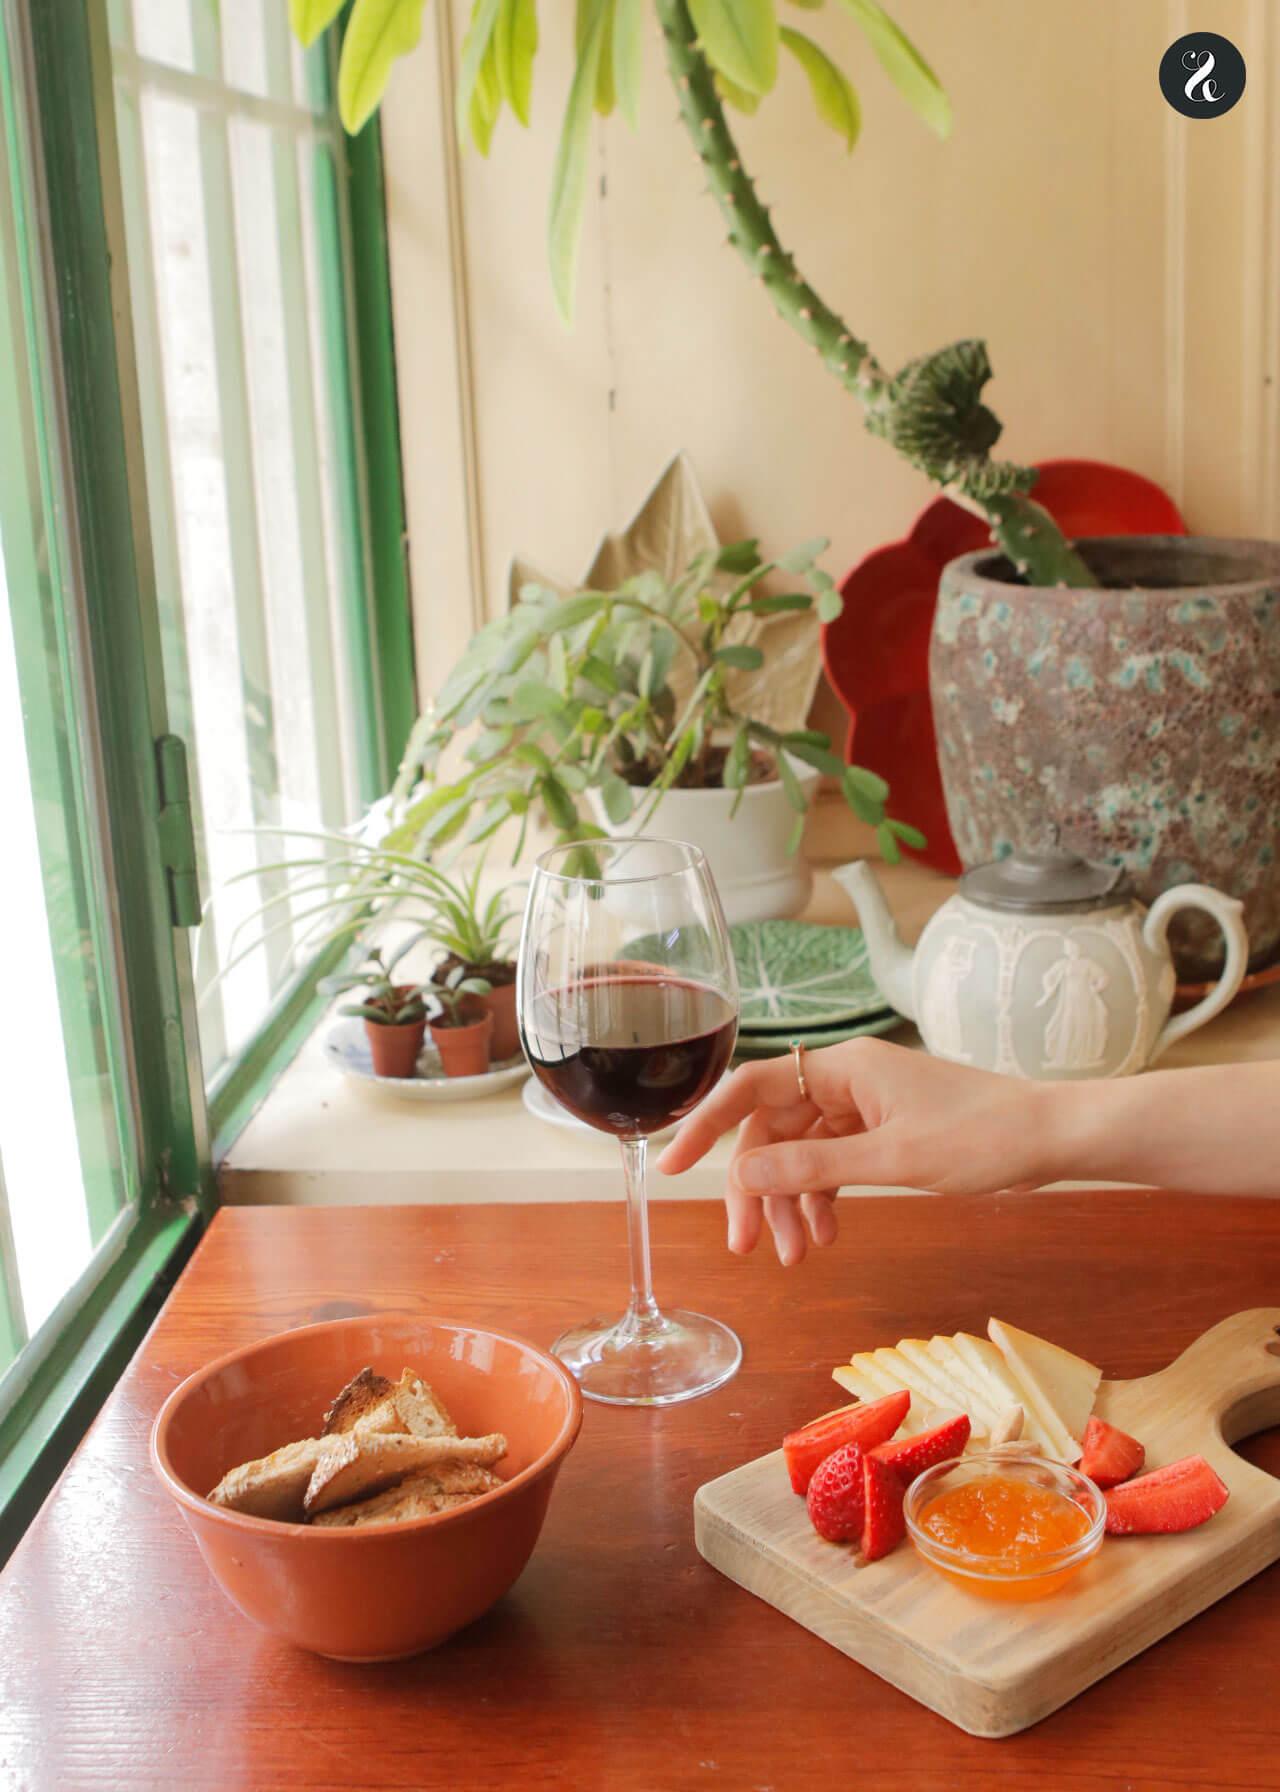 Qué ver en Lisboa - Comer en Lisboa - Graça do Vinho